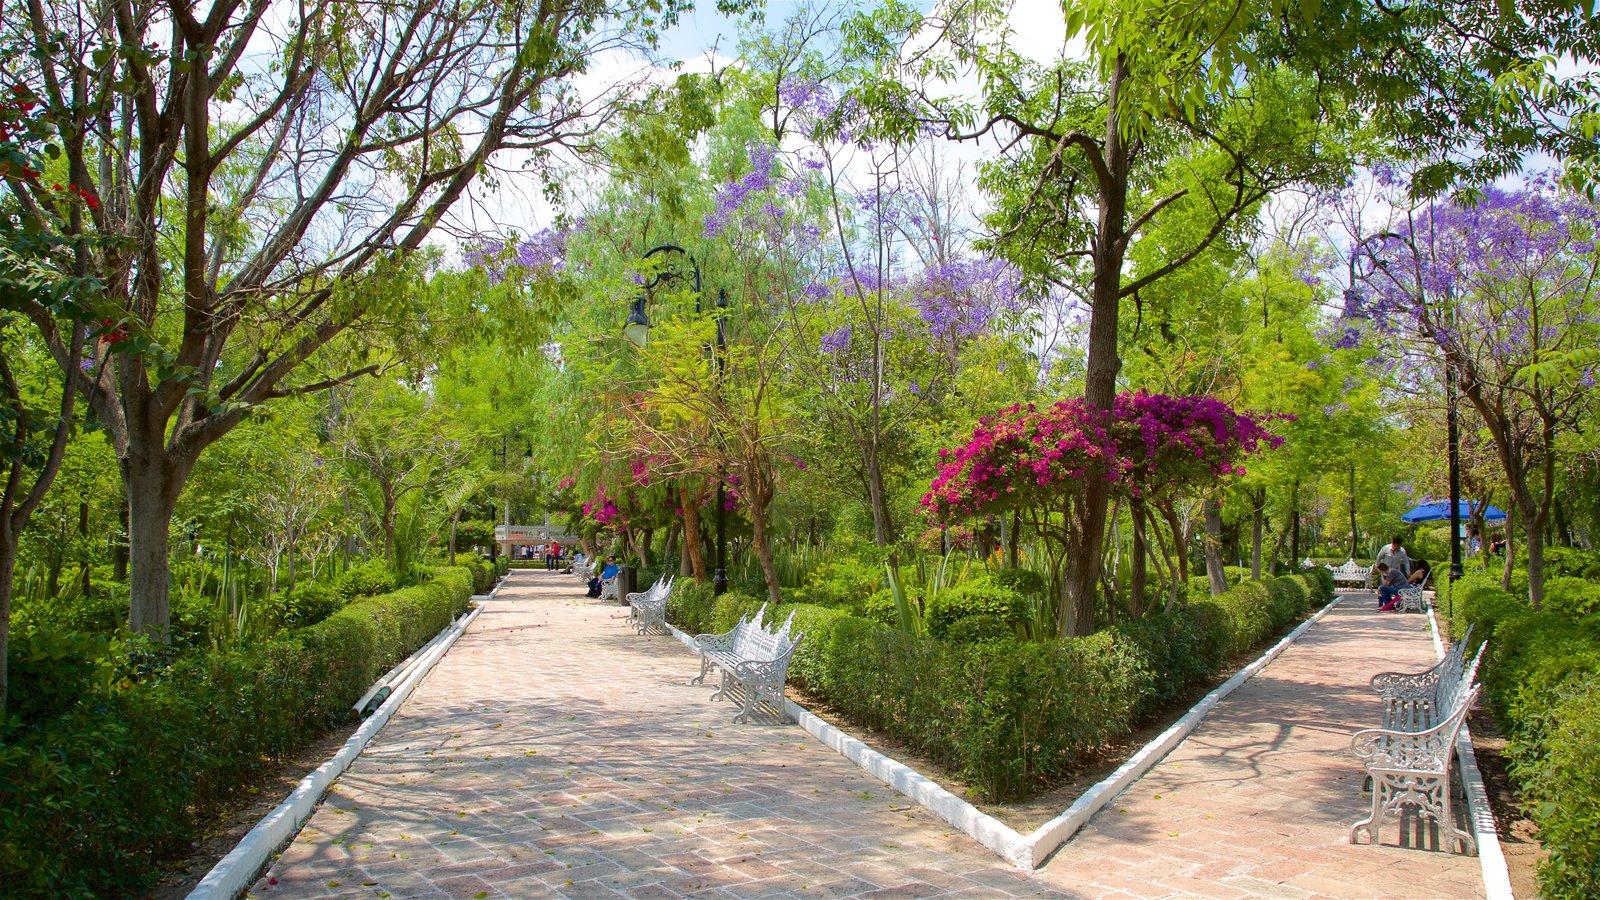 Fotos de Naturaleza: Ver imágenes de Jardín de San Marcos